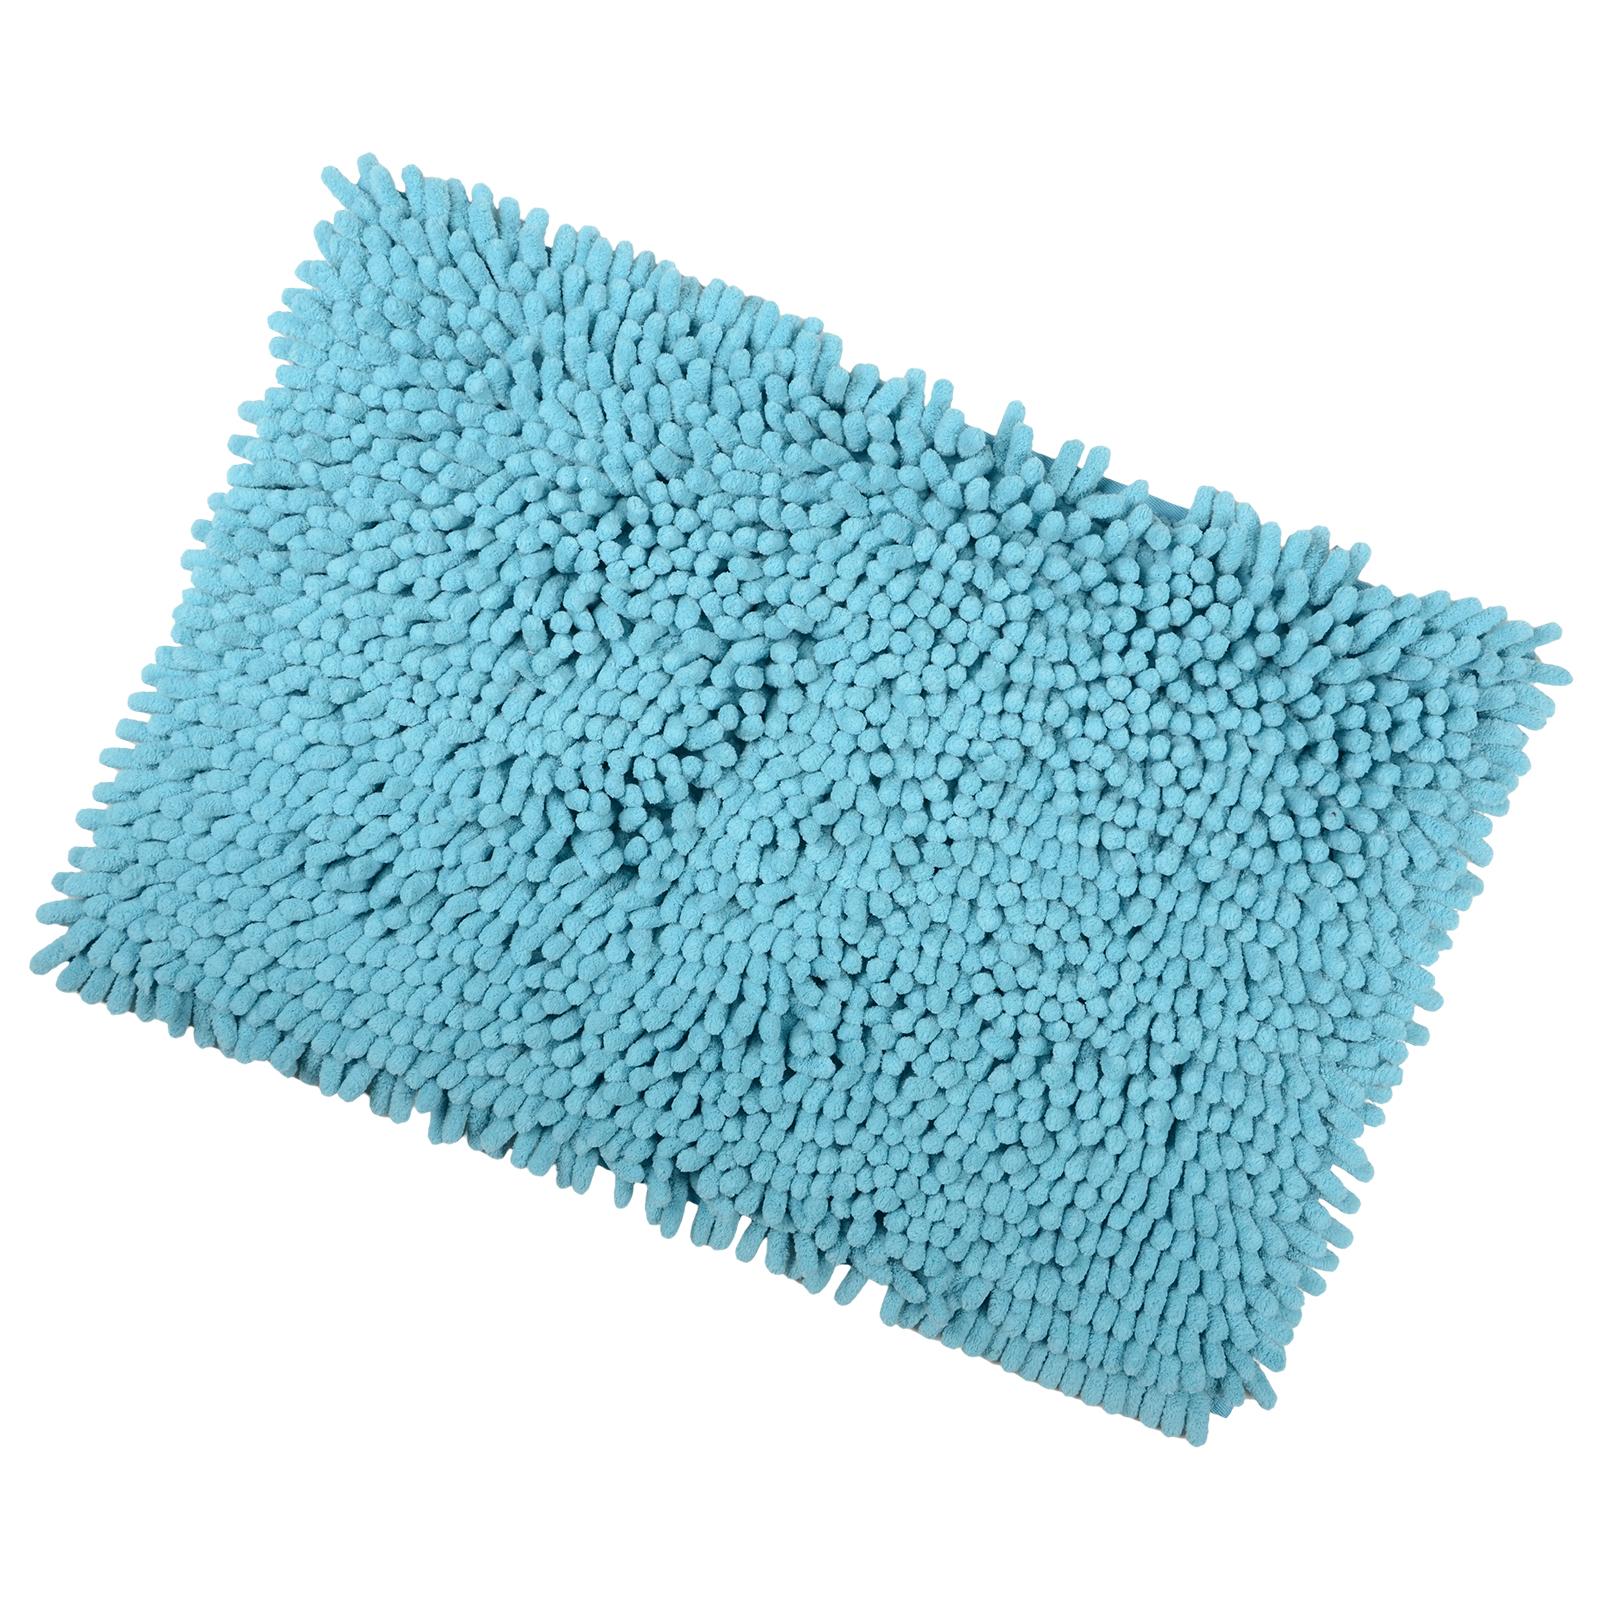 40x60cm Teal Shaggy Microfibre Shower Bath Mat Rug Non